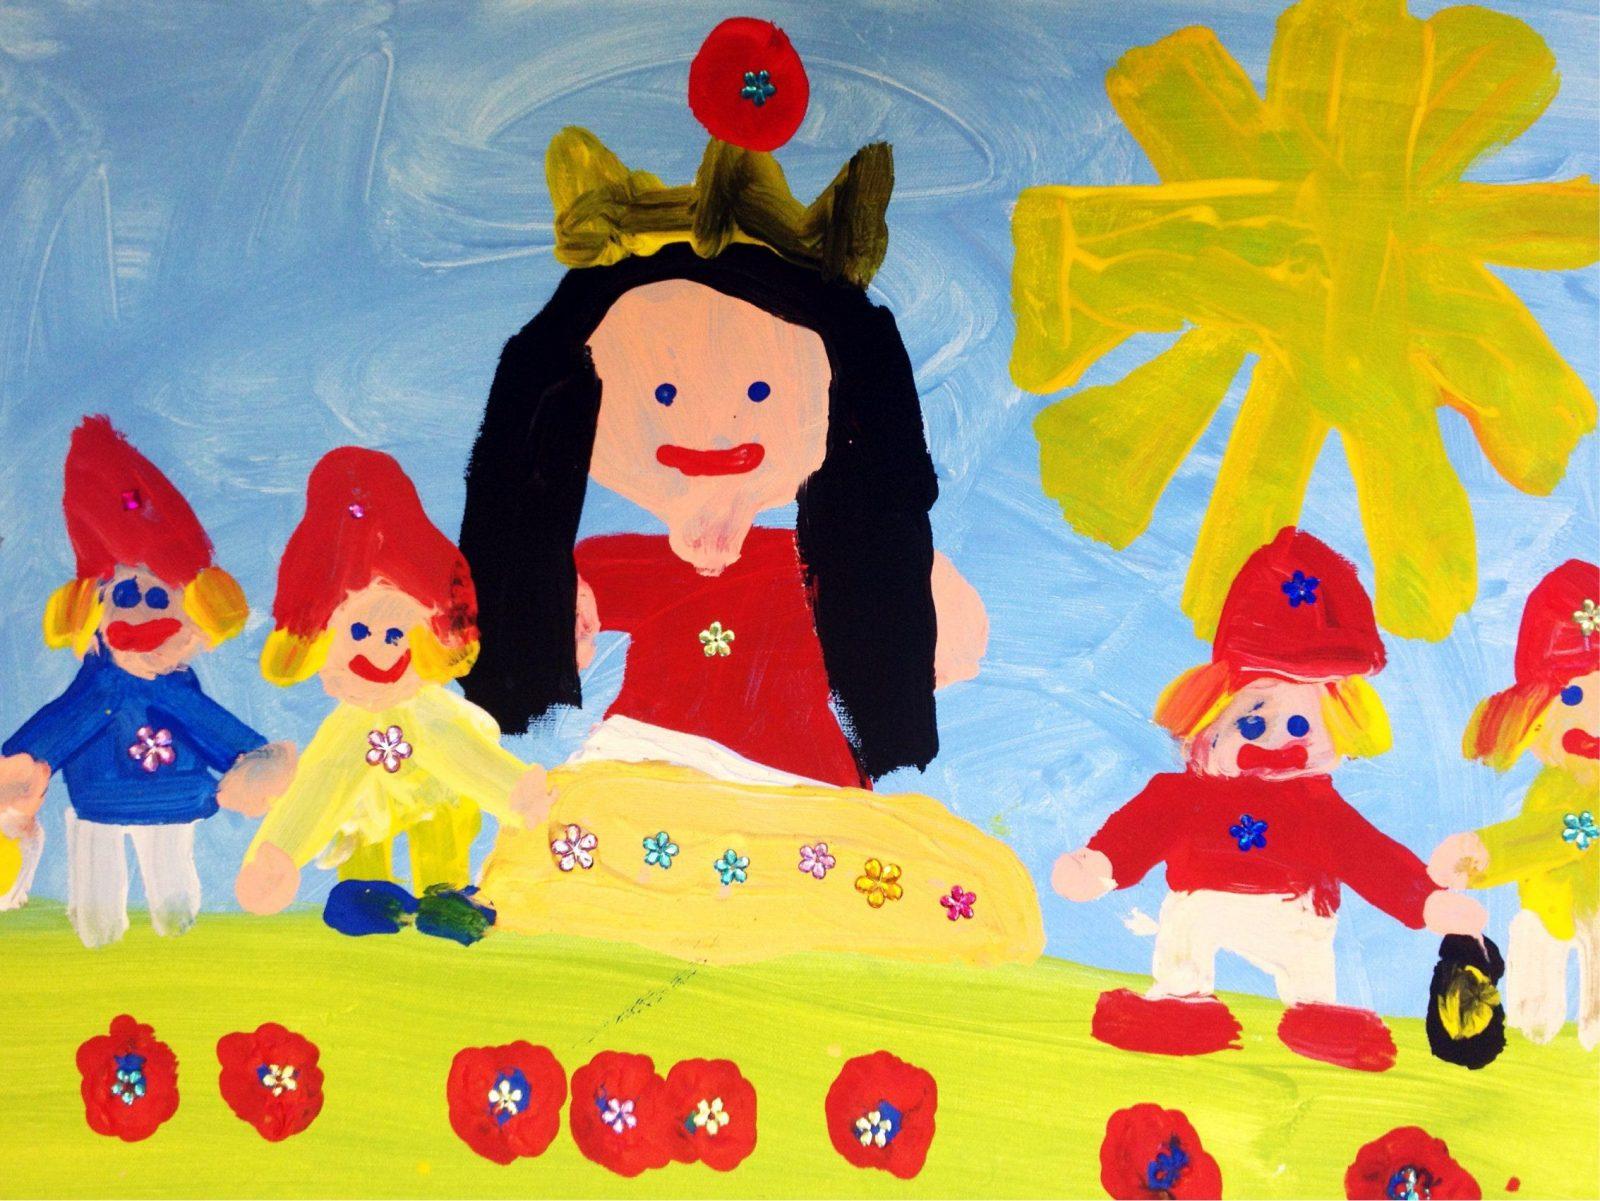 Stilvolle Bilder Kinderzimmer Selber Malen Bilder Fã R Kinderzimmer von Bilder Für Kinderzimmer Auf Leinwand Selber Malen Bild